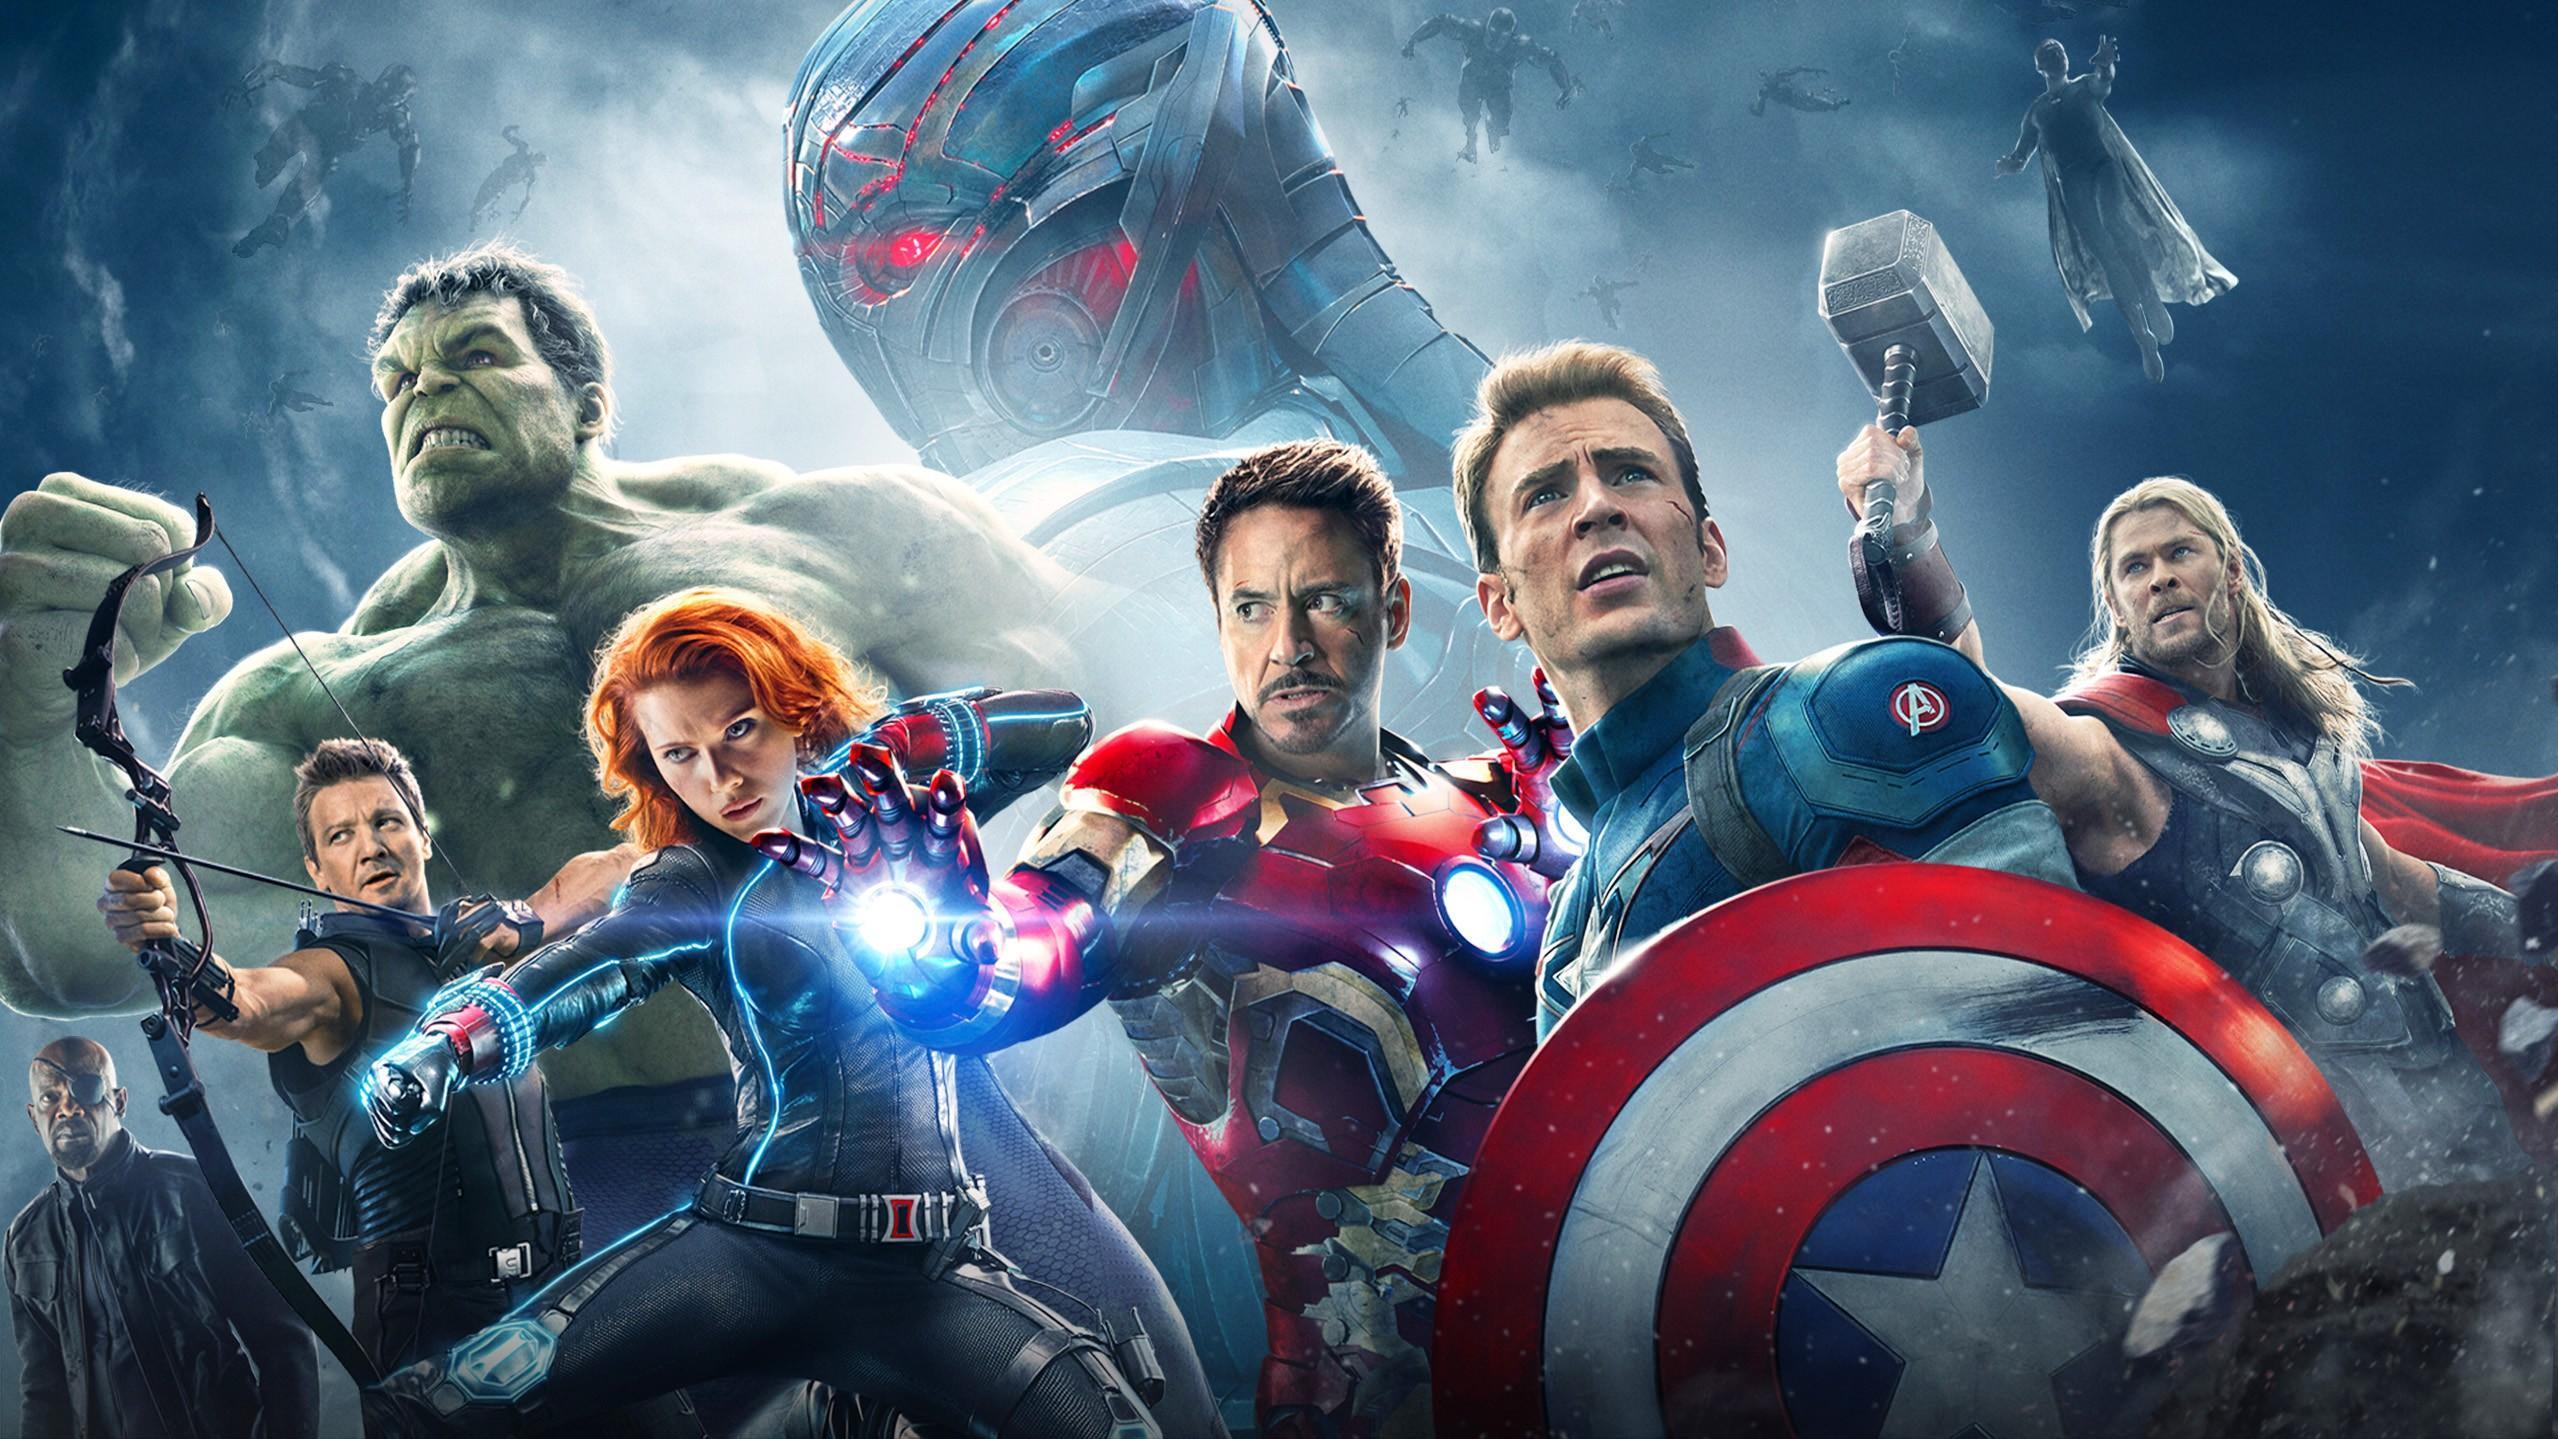 Neuer Marvel Film Avengers Endgame Geht über Drei Stunden